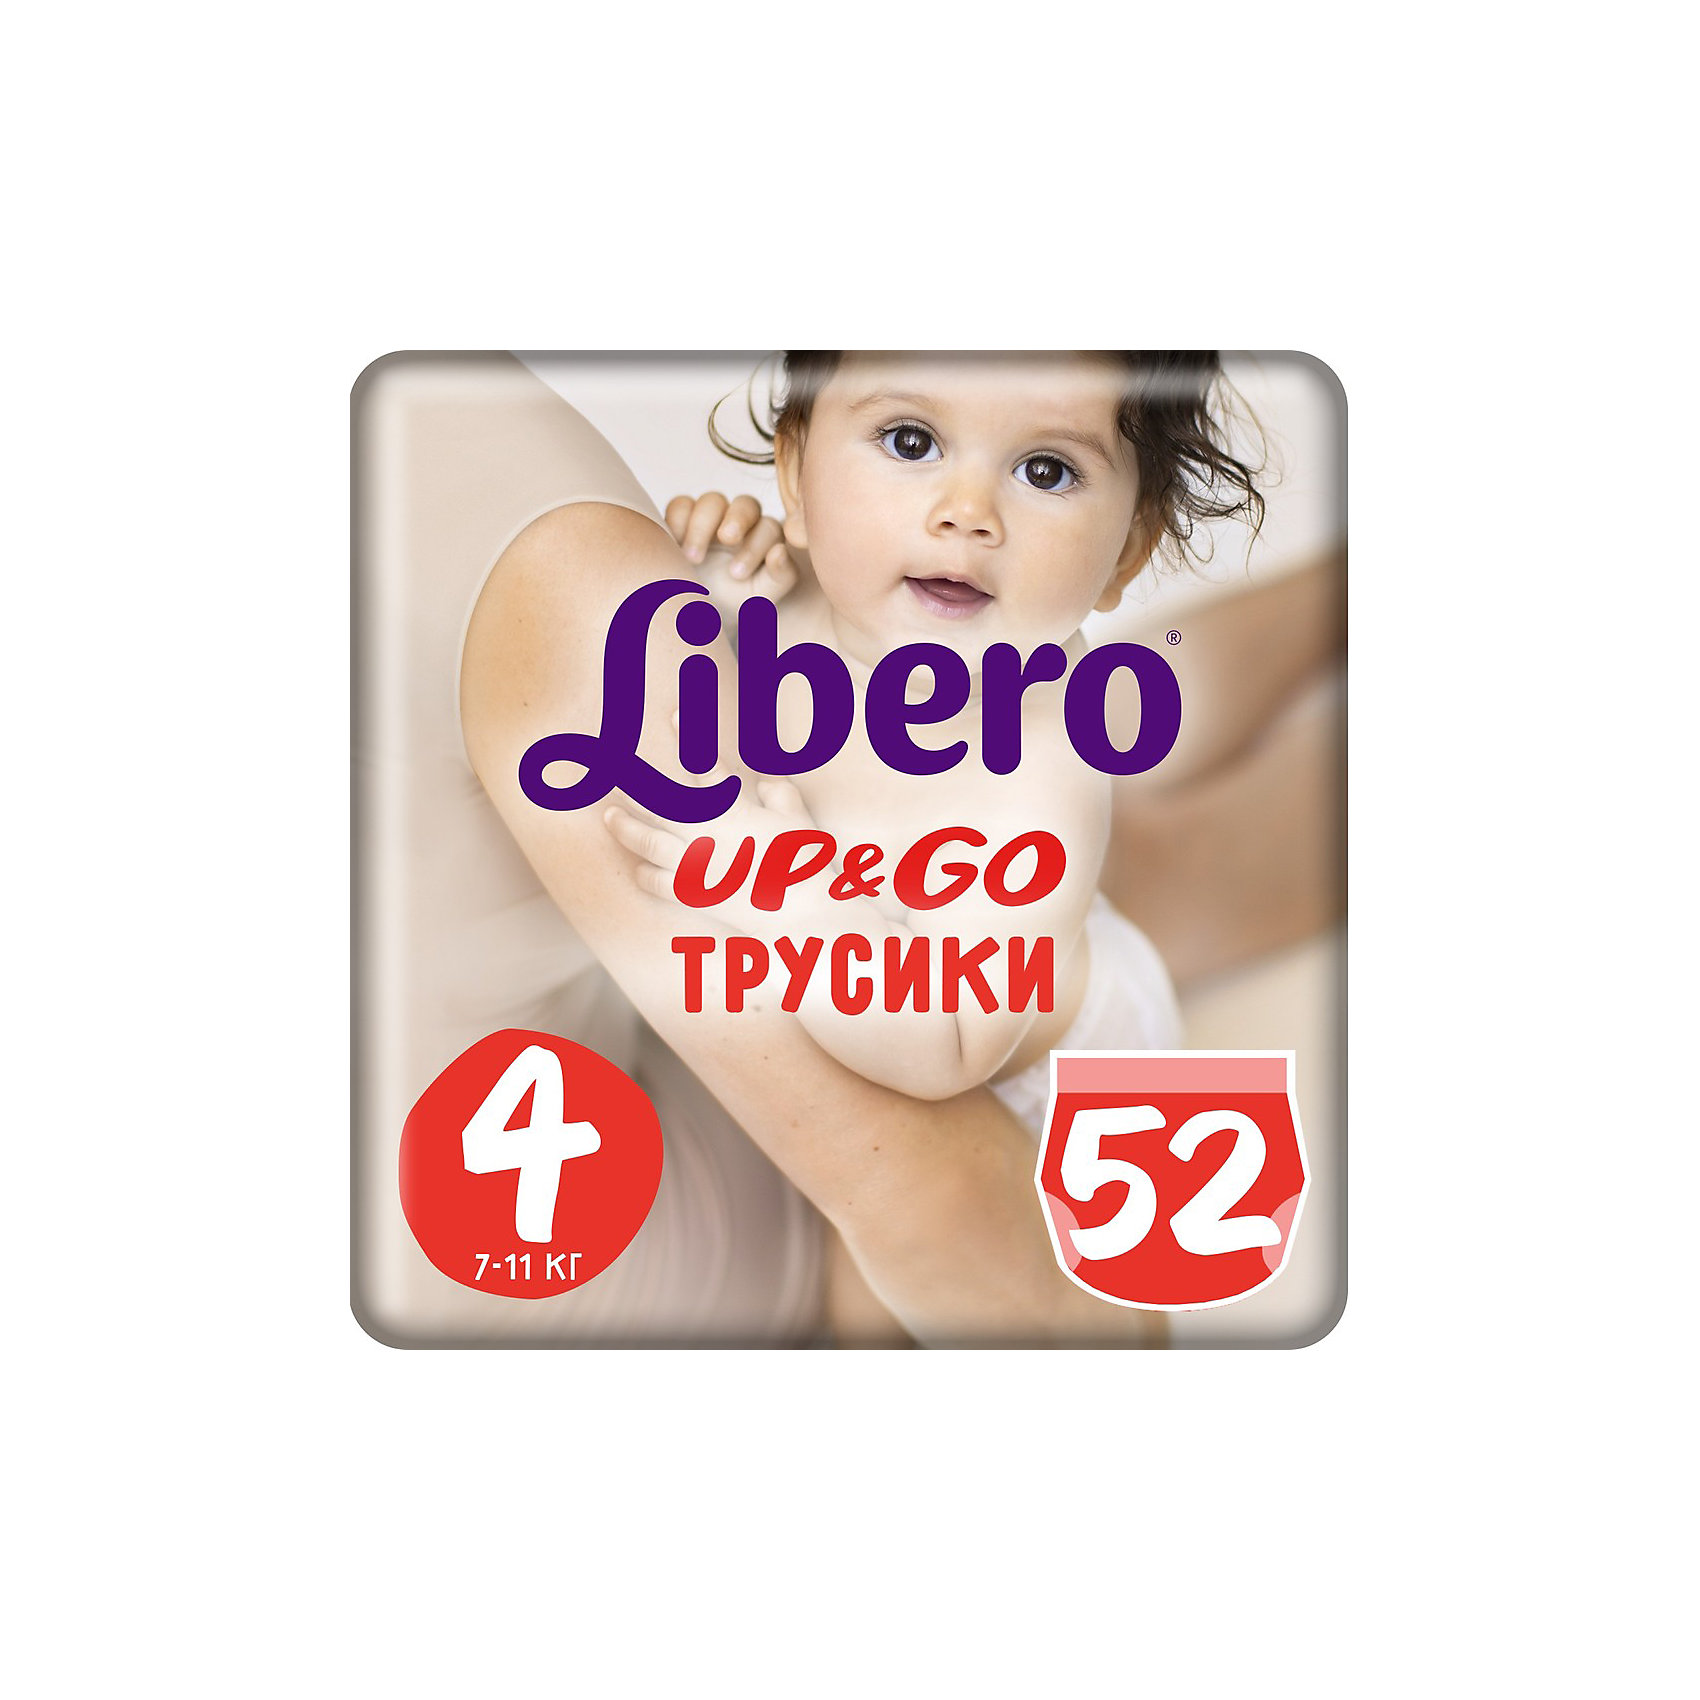 Libero Трусики Up&Go, Mega Maxi 7-11 кг (4), 52 шт., Libero трусики libero up